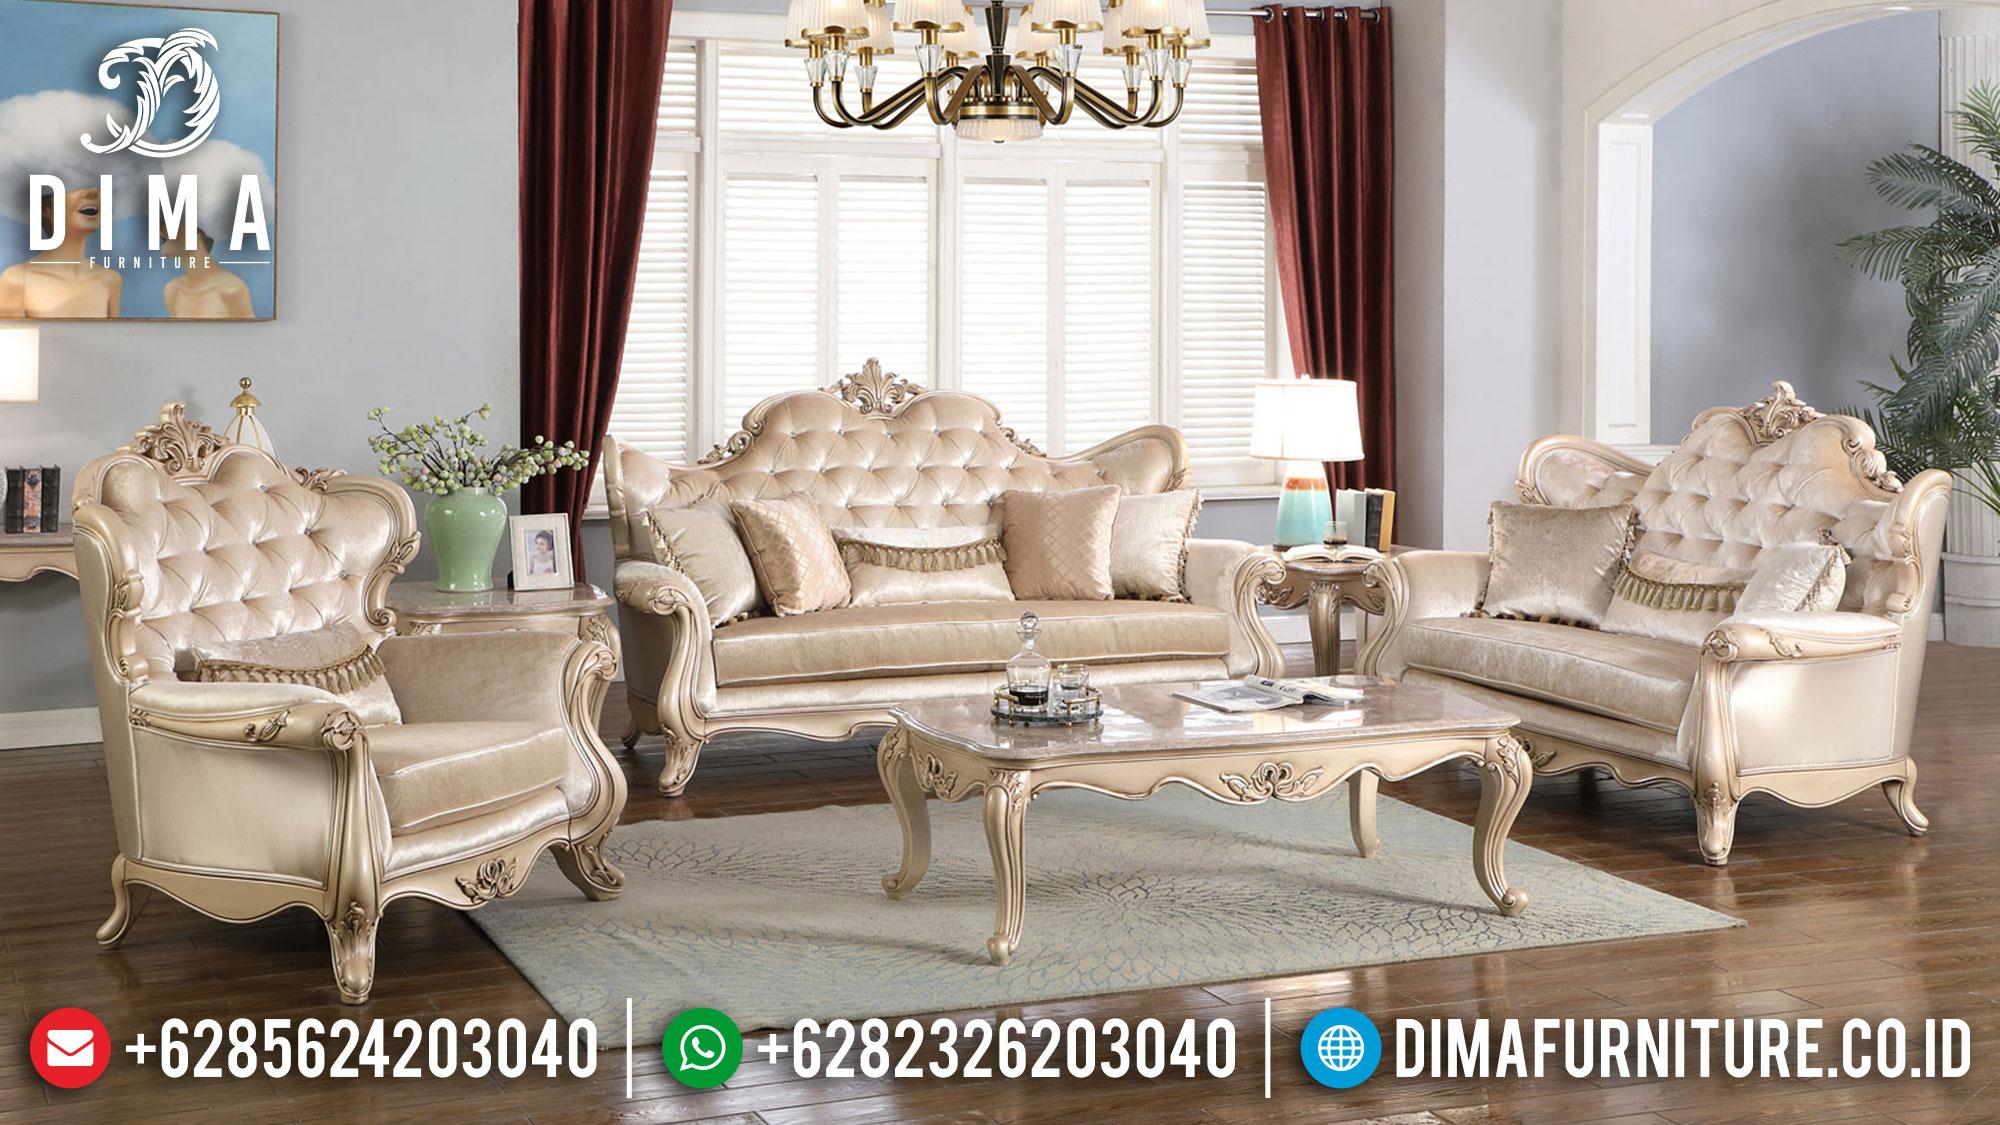 Desain Sofa Mewah Terbaru Luxury Carving Empire Style TTJ-1623